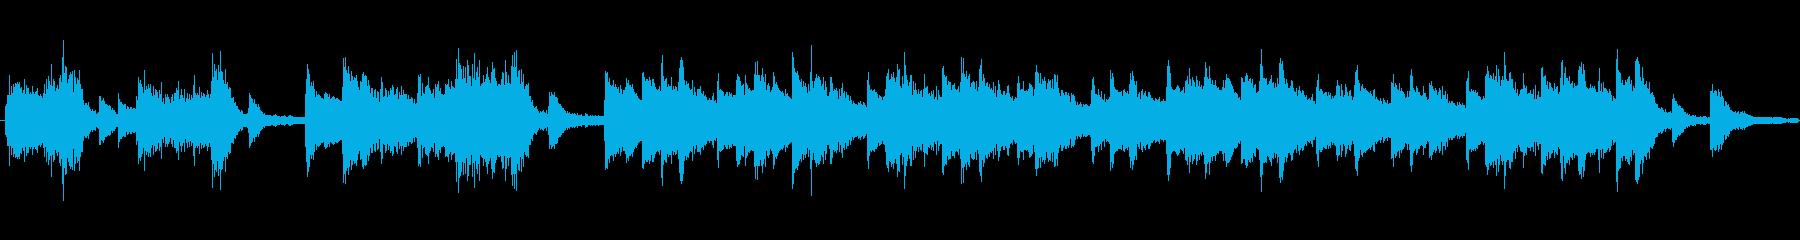 レトロピアノ出囃子オーケストラCMの再生済みの波形